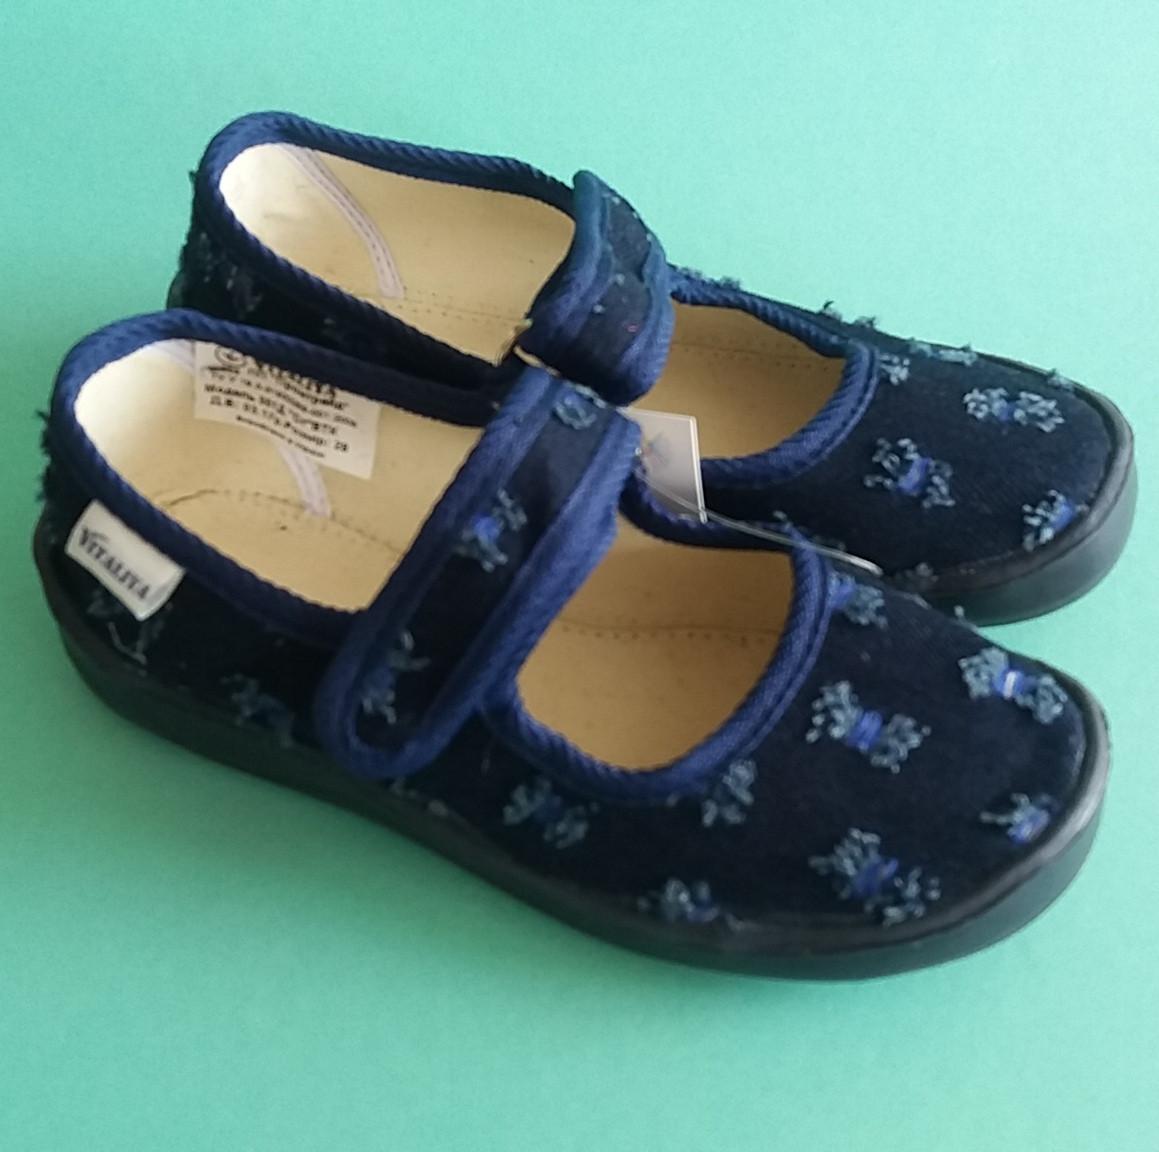 Тапочки в садик на мальчика, текстильная обувь Vitaliya Виталия Украина, размеры 28-31,5 - Style-Baby детский магазин в Киеве